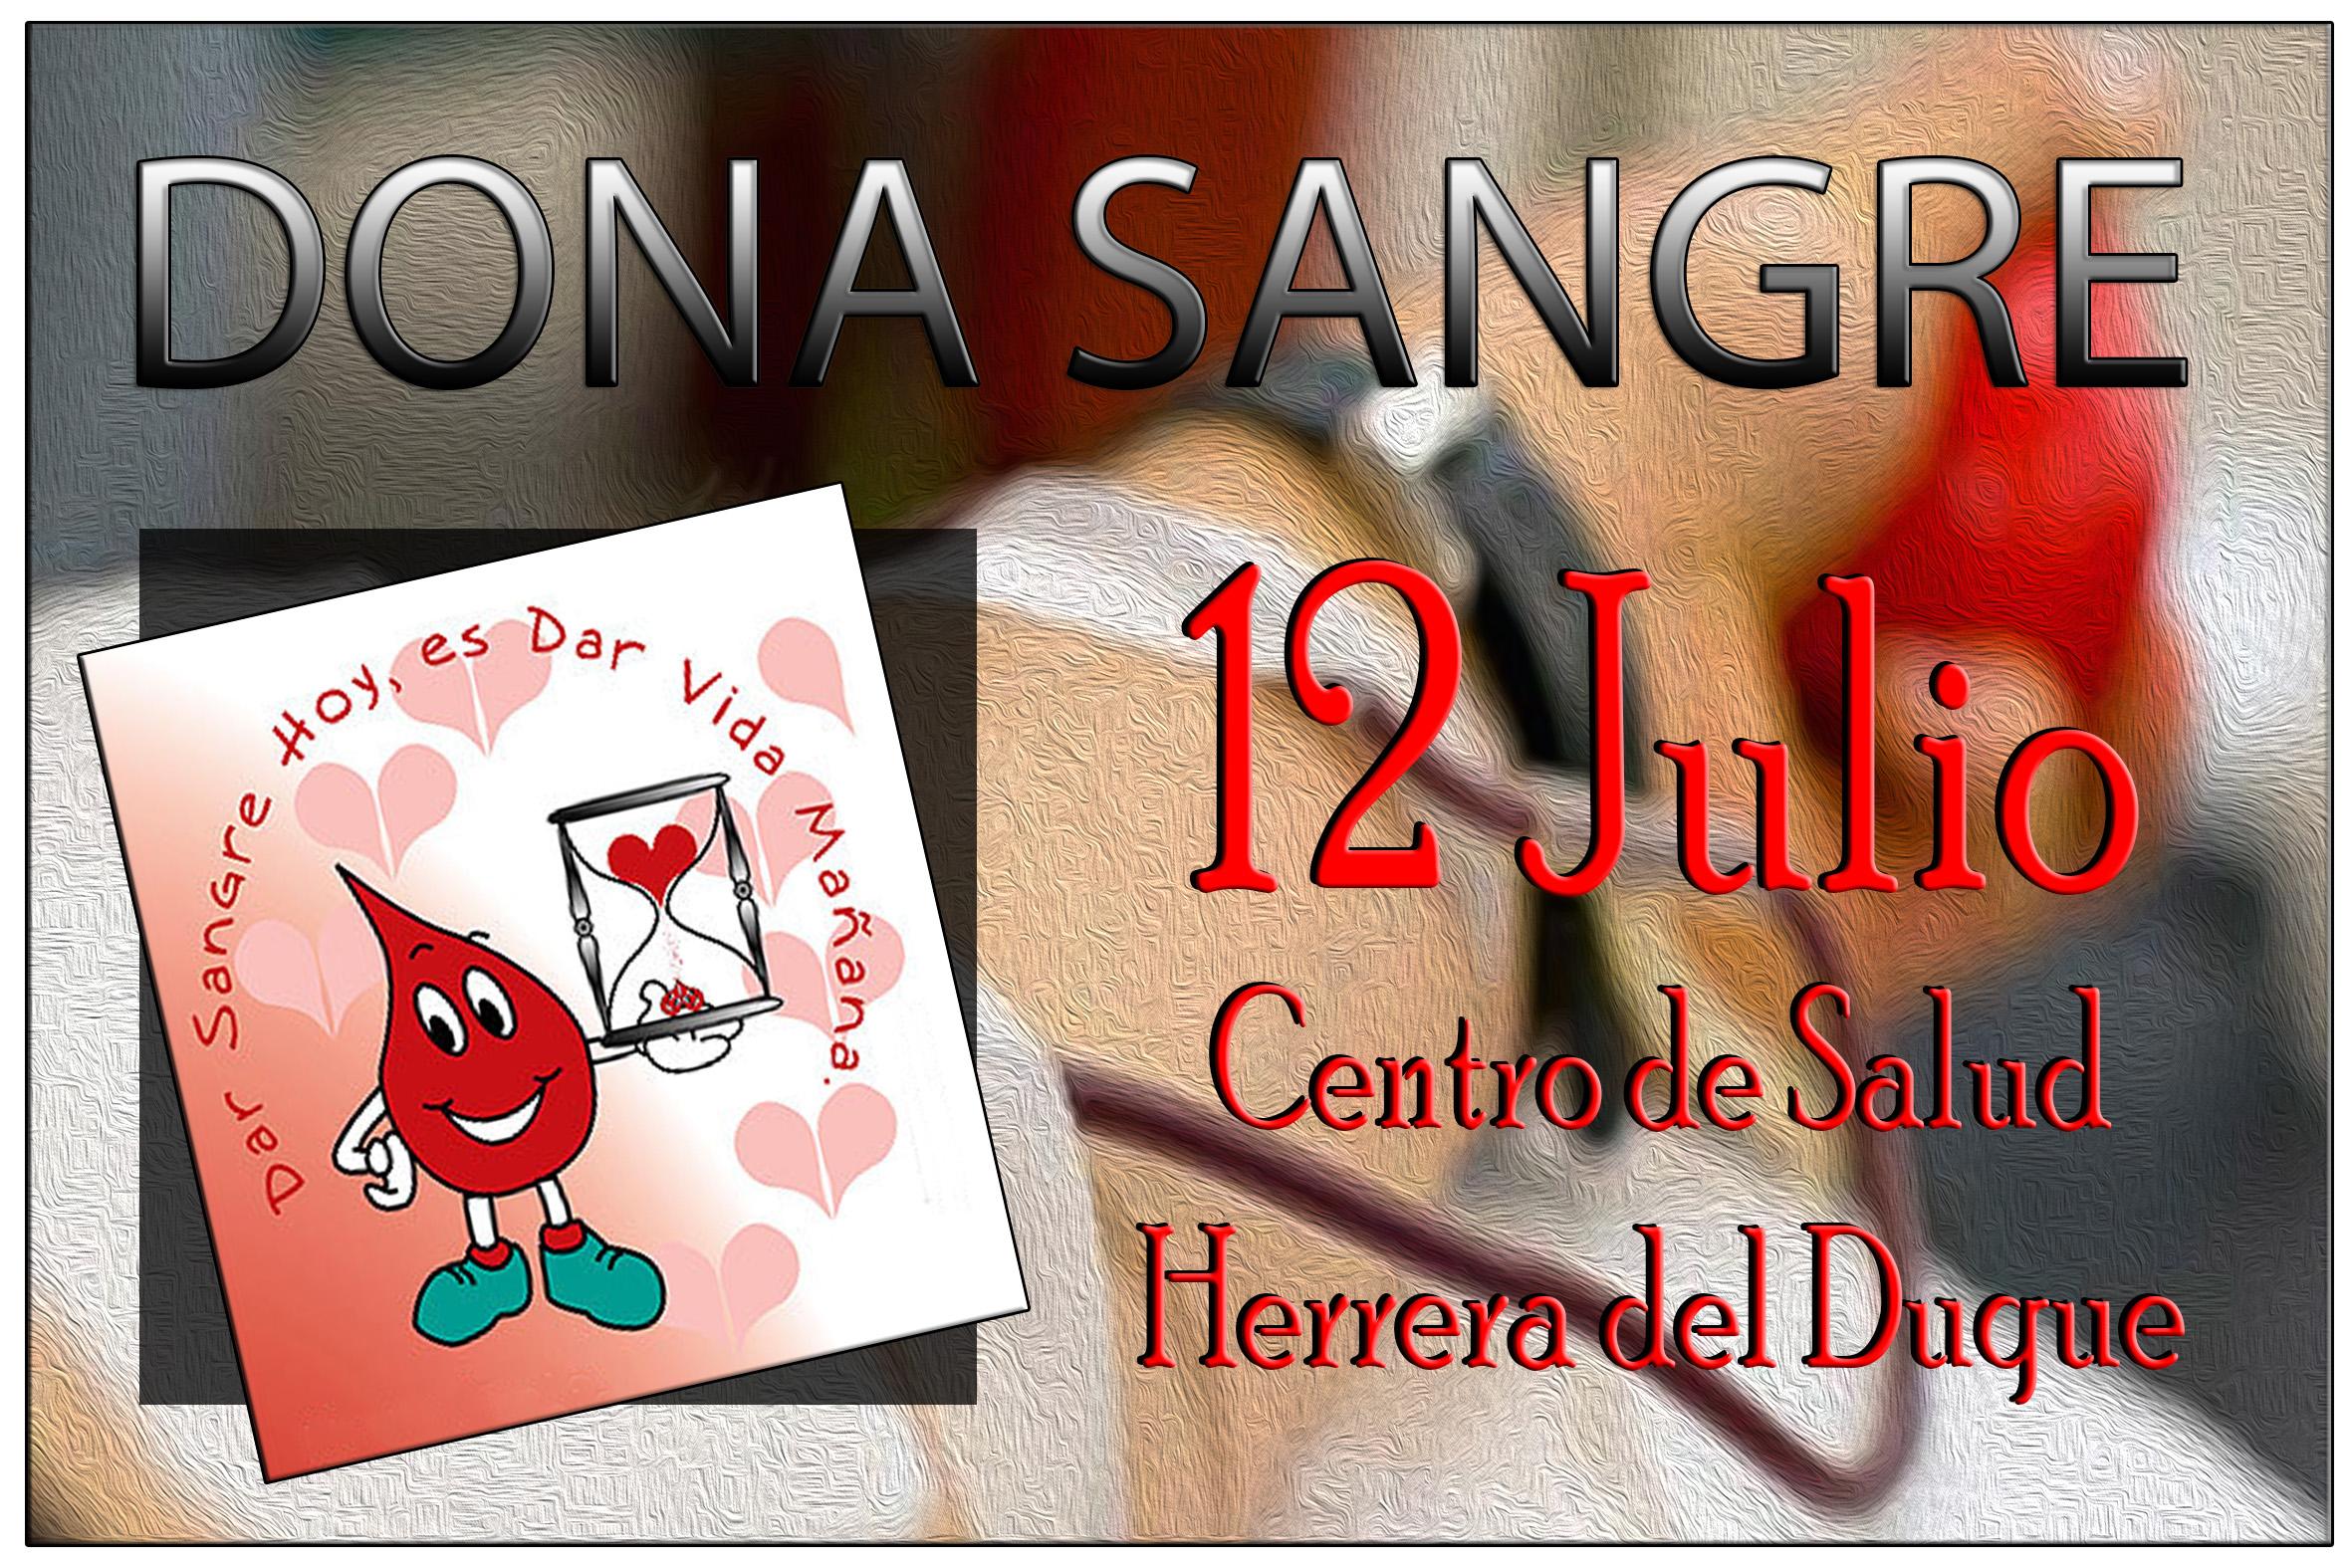 El Banco de Sangre de Extremadura visita la localidad